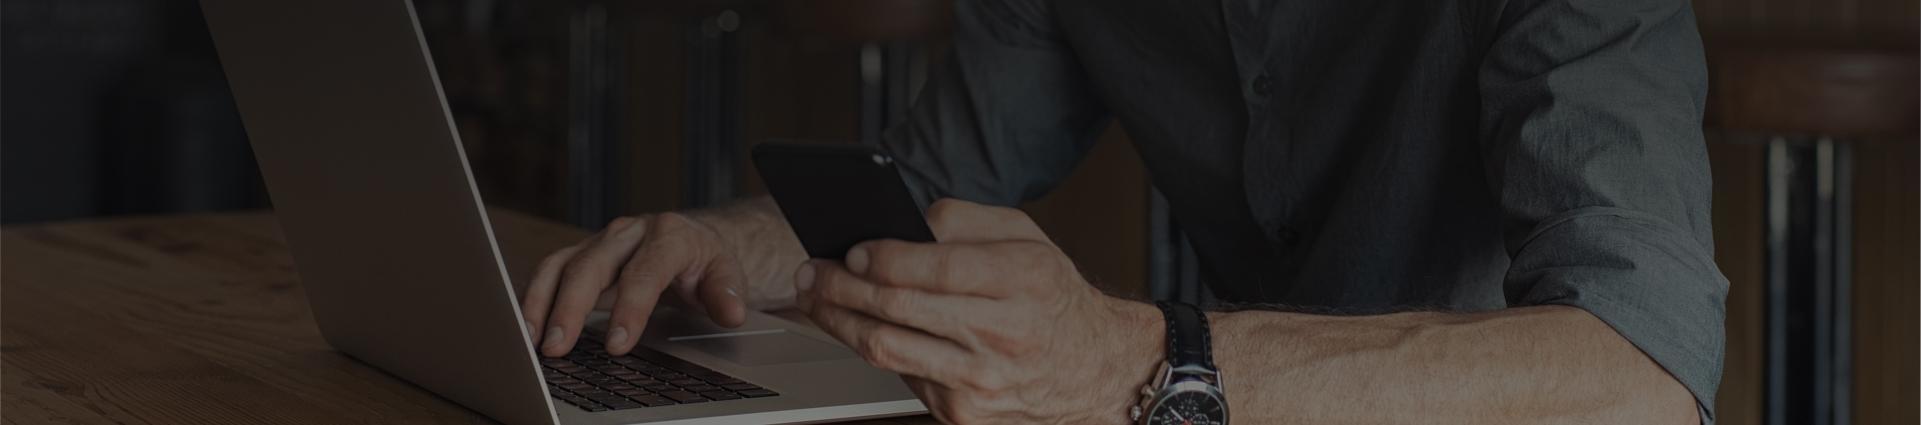 starsza osoba z zegarkiem przy laptopie